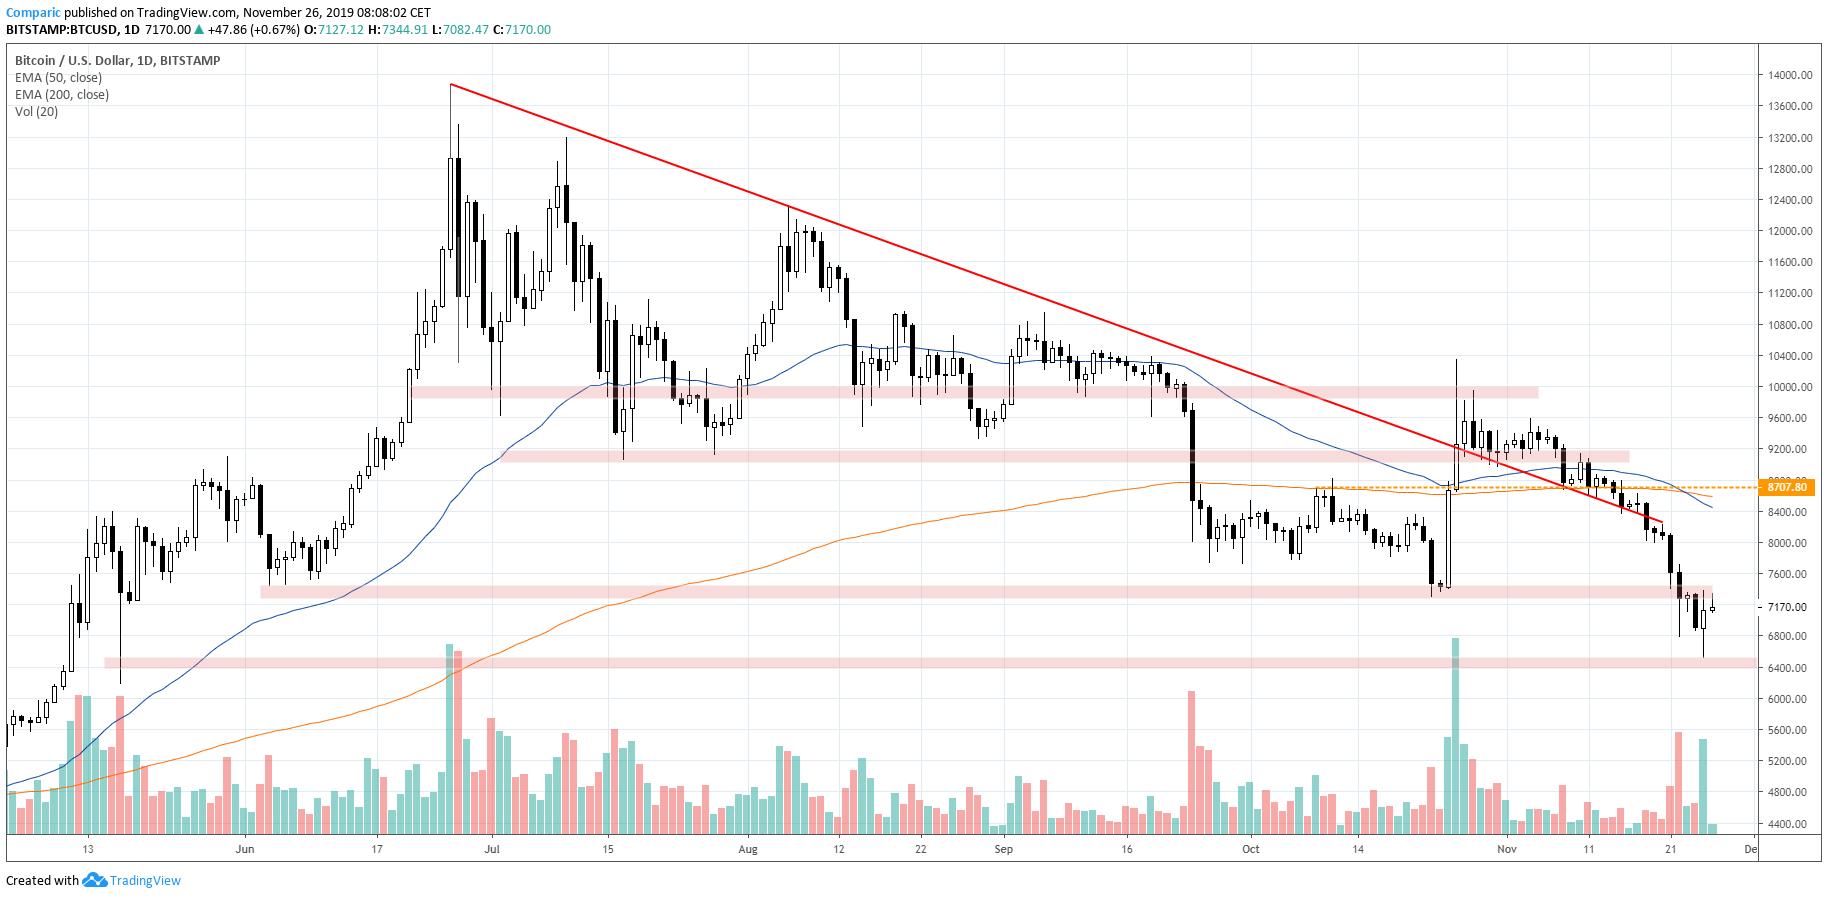 Bitcoin odbijał ostatecznie w poniedziałek po teście majowych dołków. Źródło: Tradingview.com